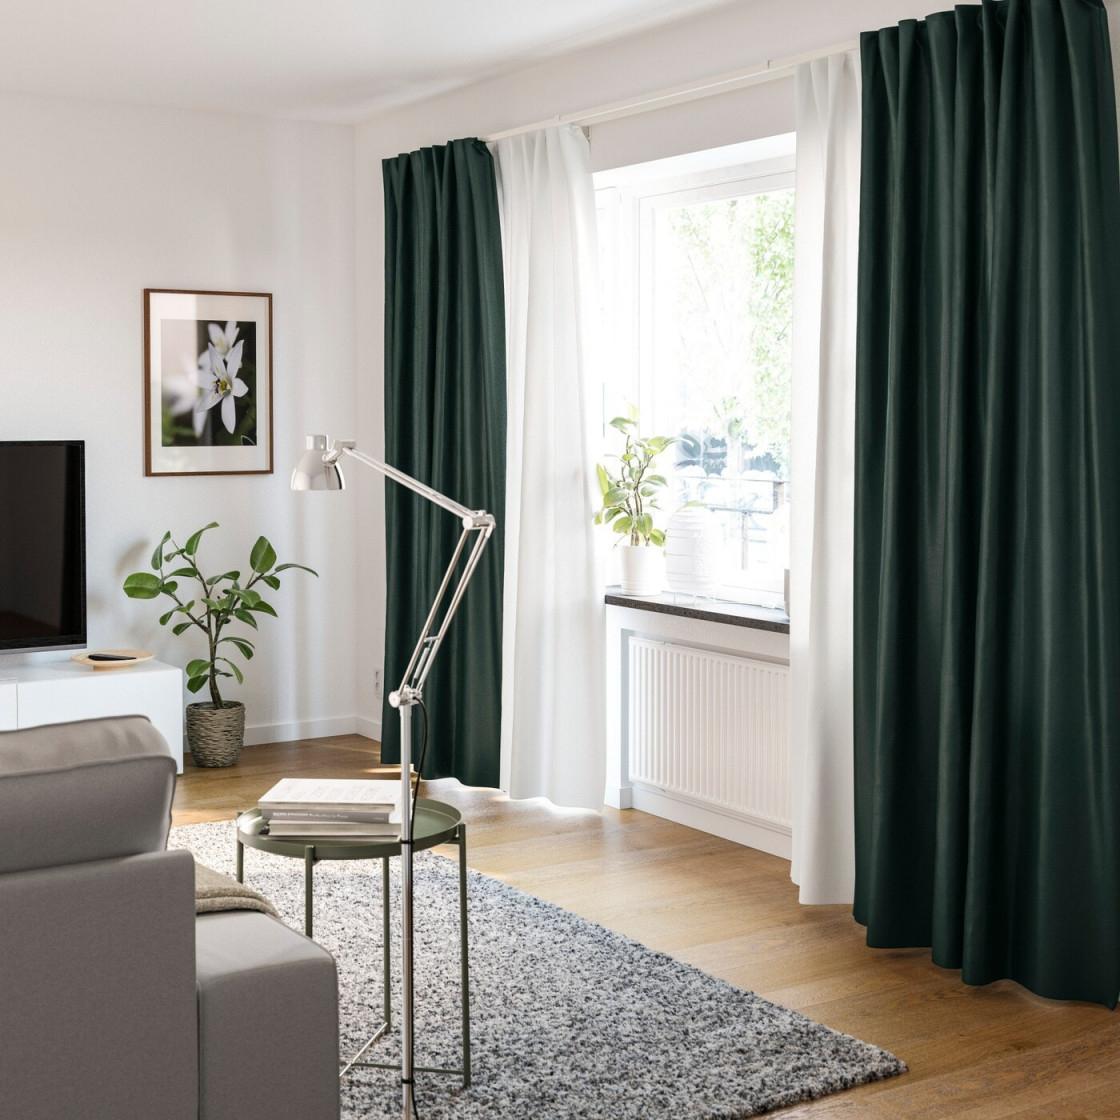 Gardinenideen Inspirationen Für Dein Zuhause  Ikea von Gardinen Und Vorhänge Für Wohnzimmer Photo